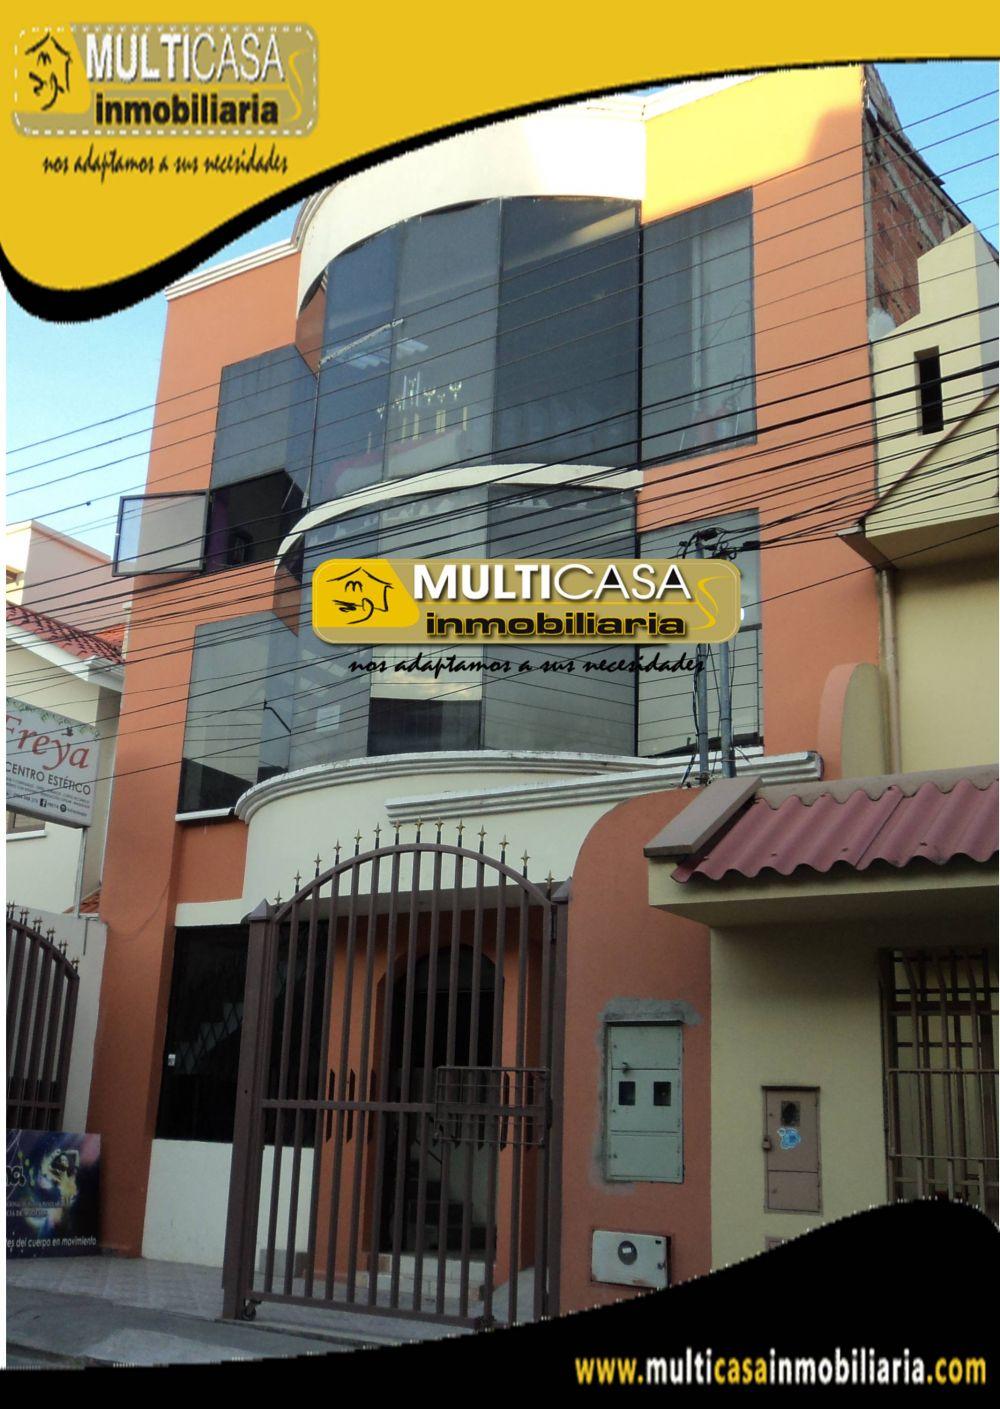 Venta de Hermosa Casa a Crédito de dos departamentos y un local comercial con garaje para tres vehiculos Sector Av.Gonzales Suarez Cuenca-Ecuador